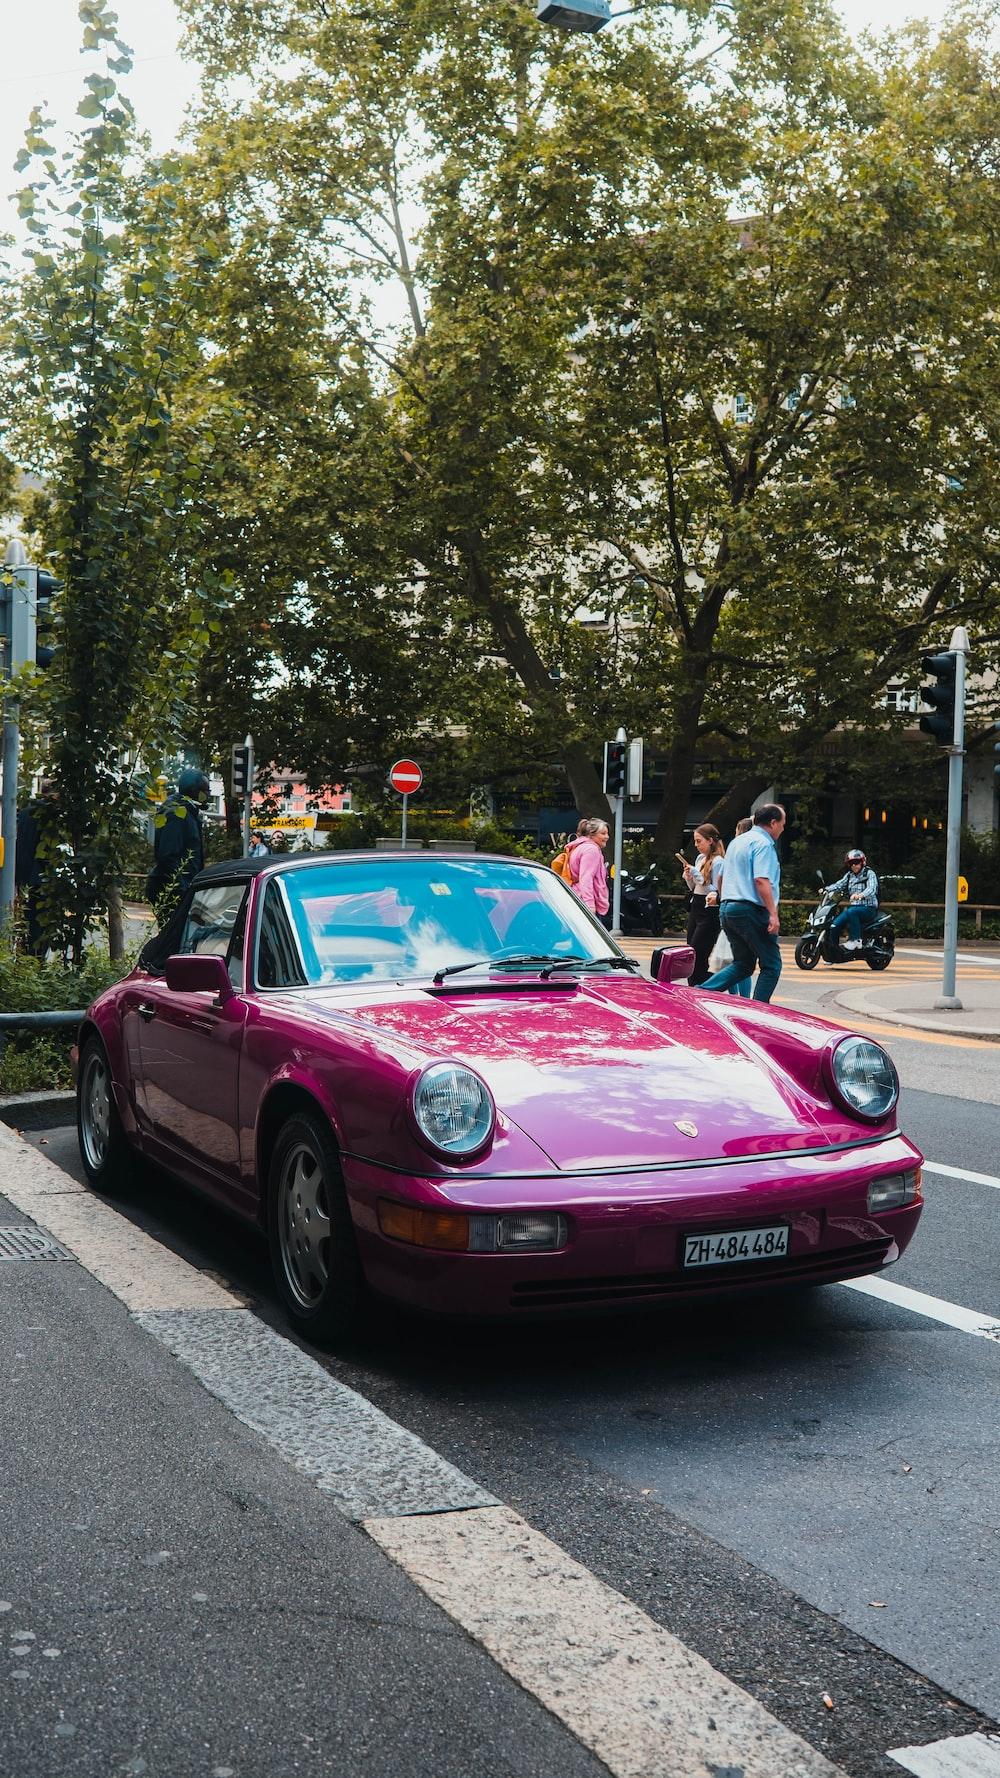 pink porsche 911 parked on street during daytime